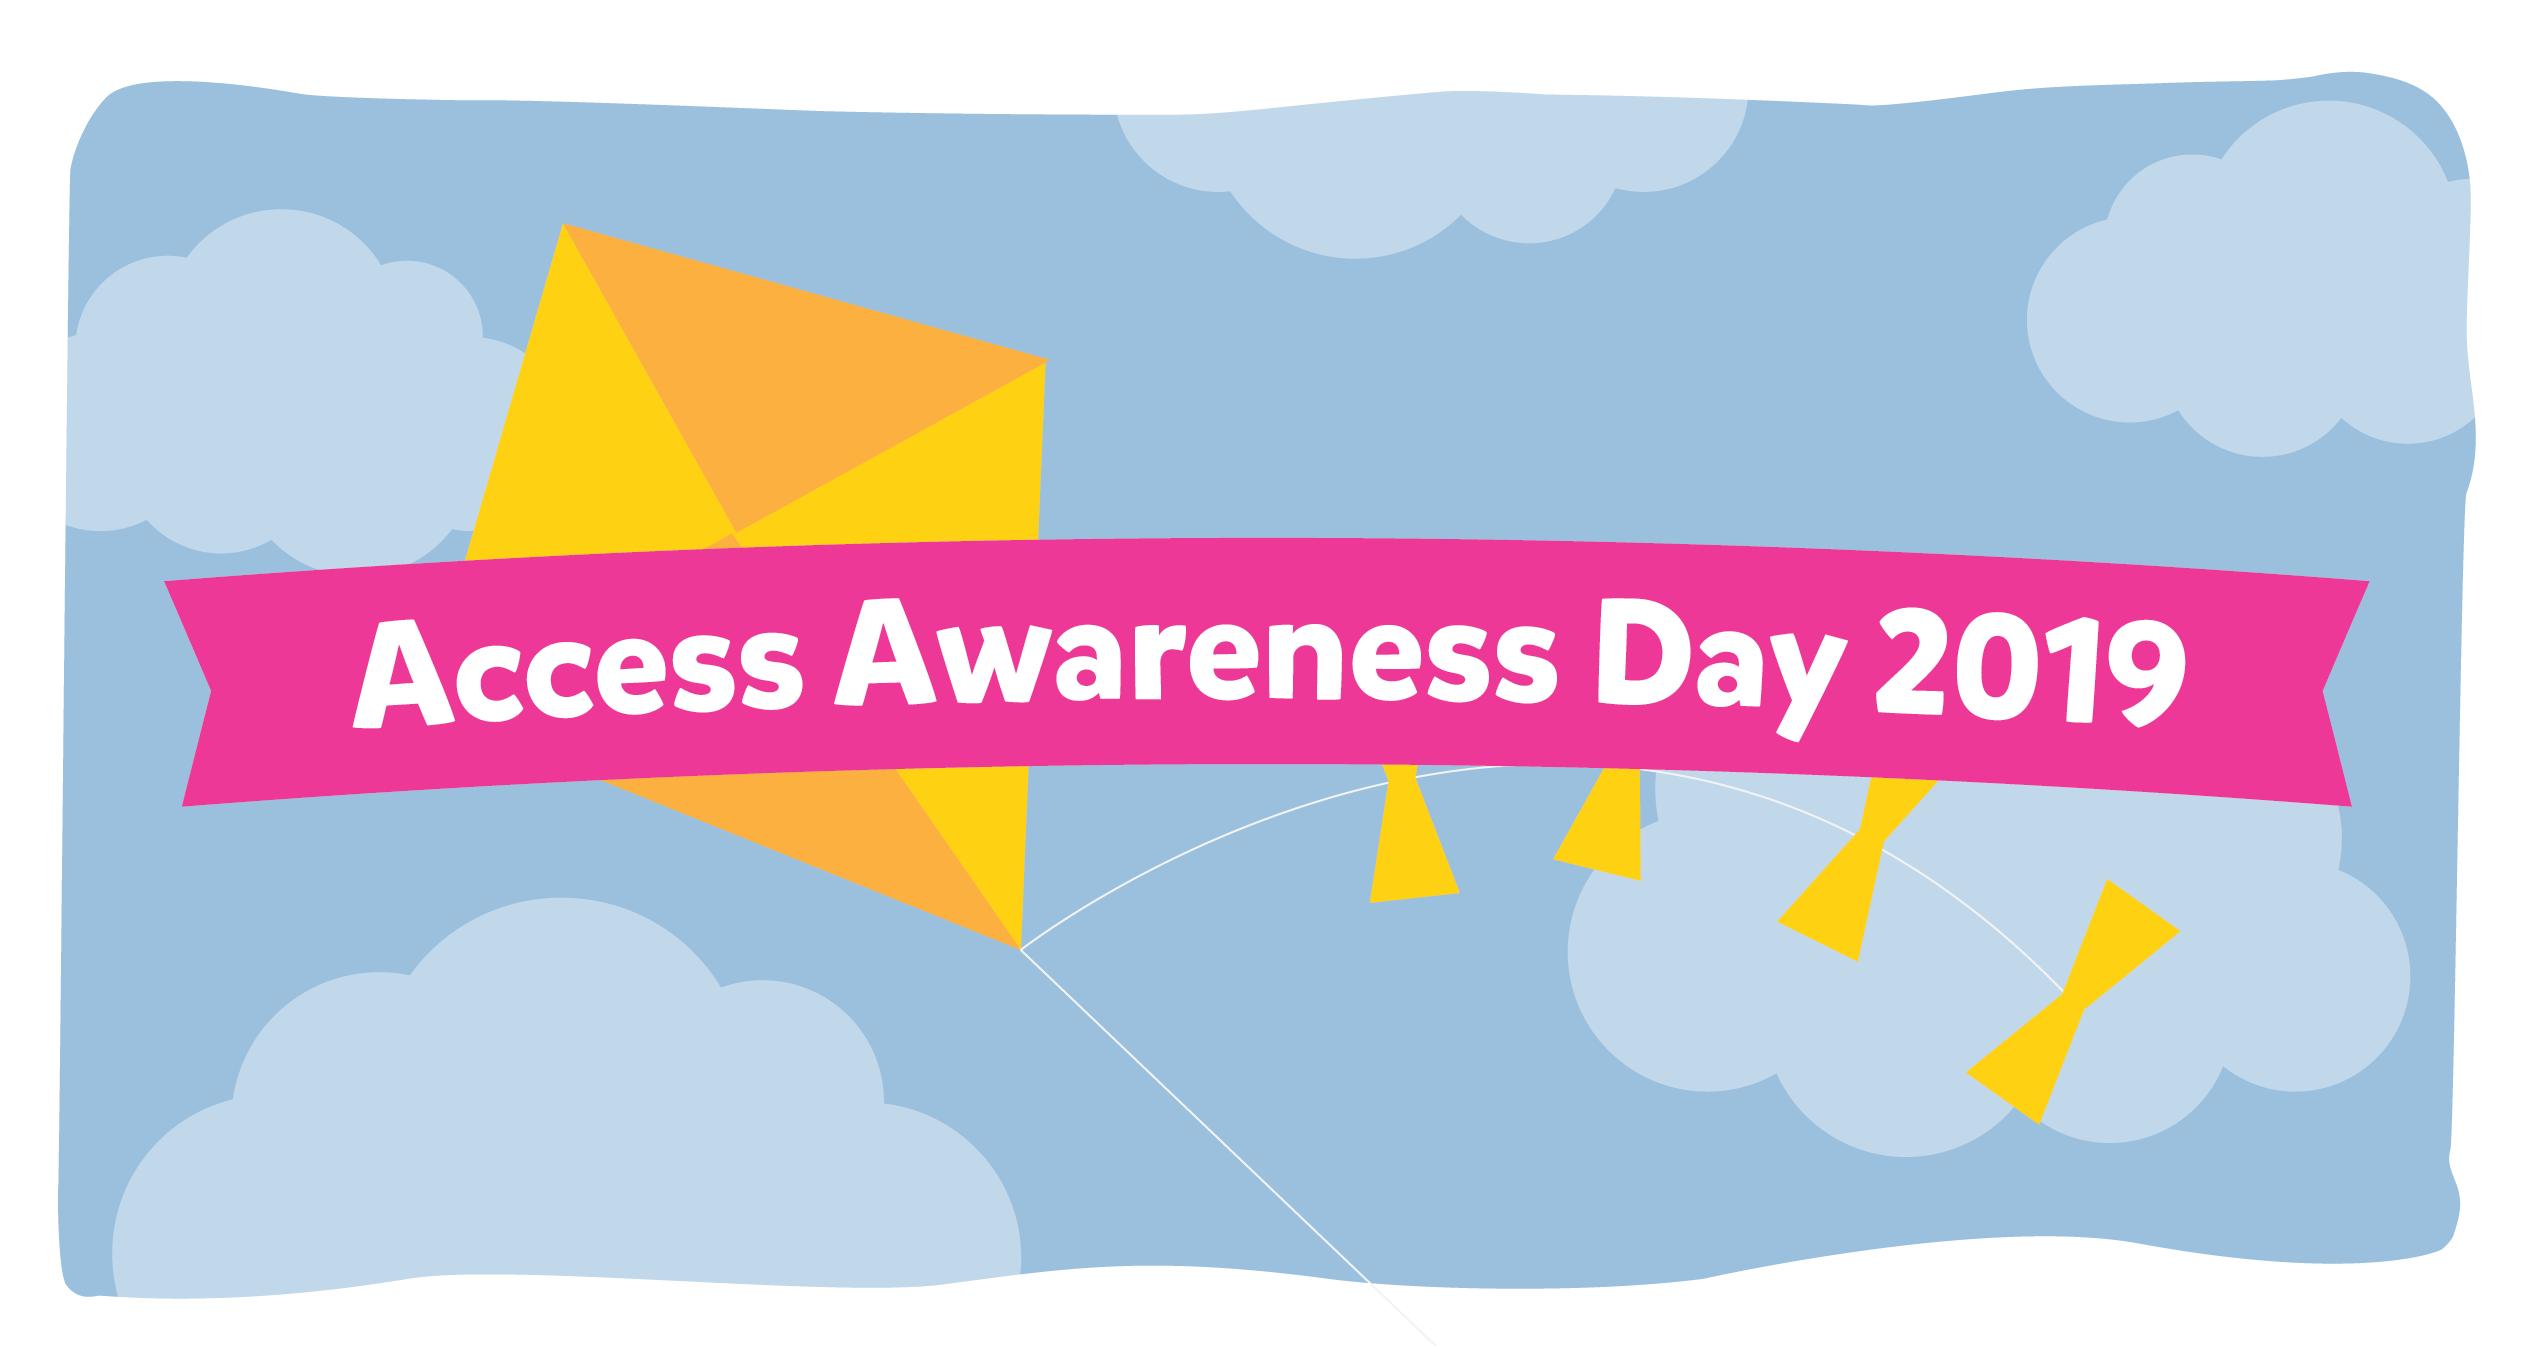 Access Awareness Day 2019